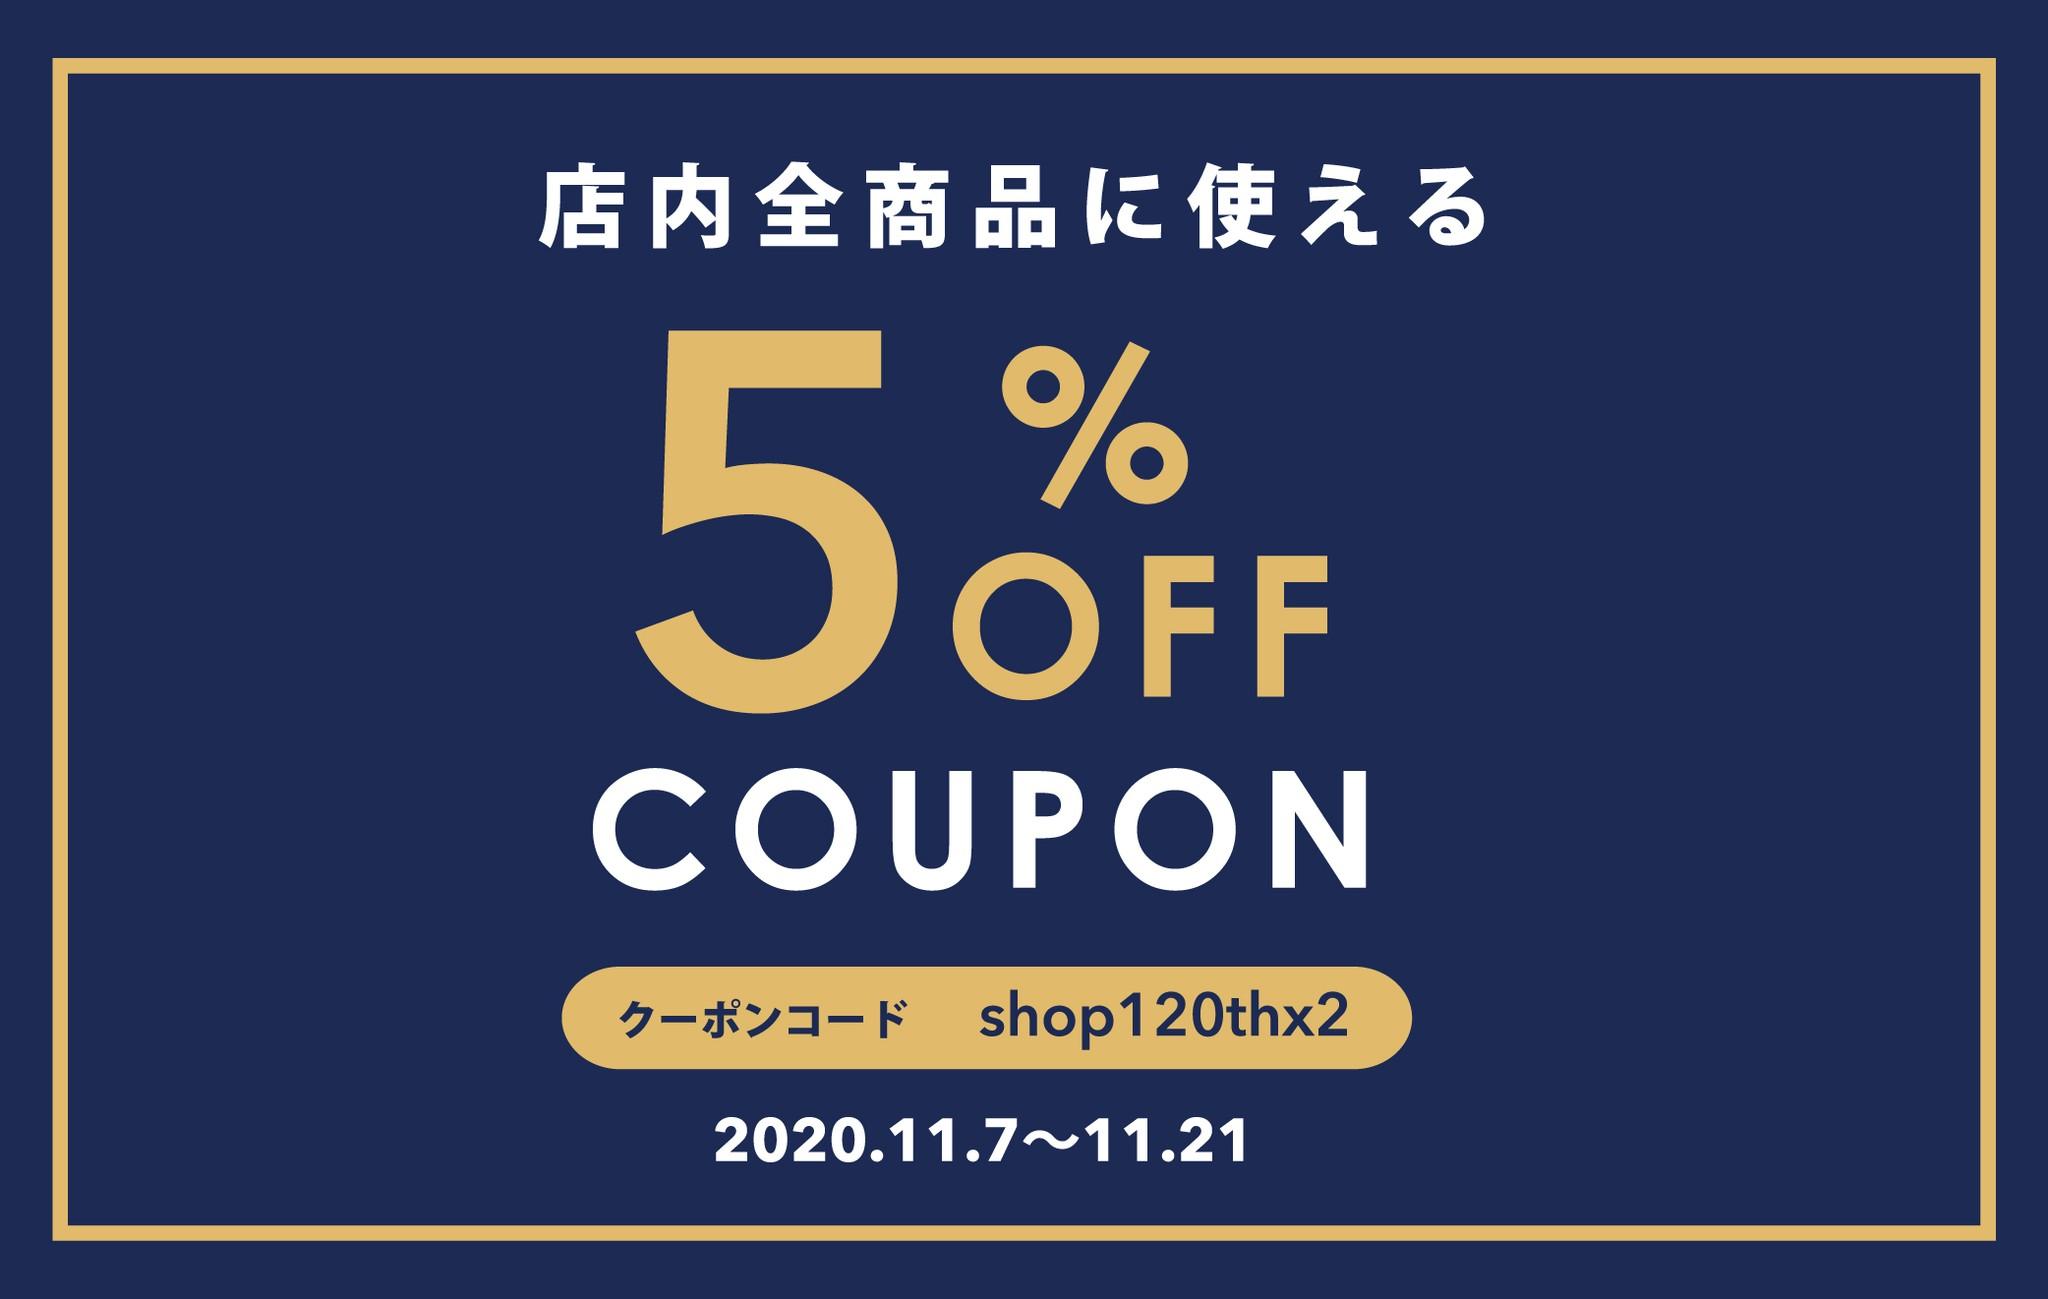 店内全商品5%OFFクーポン配布中!